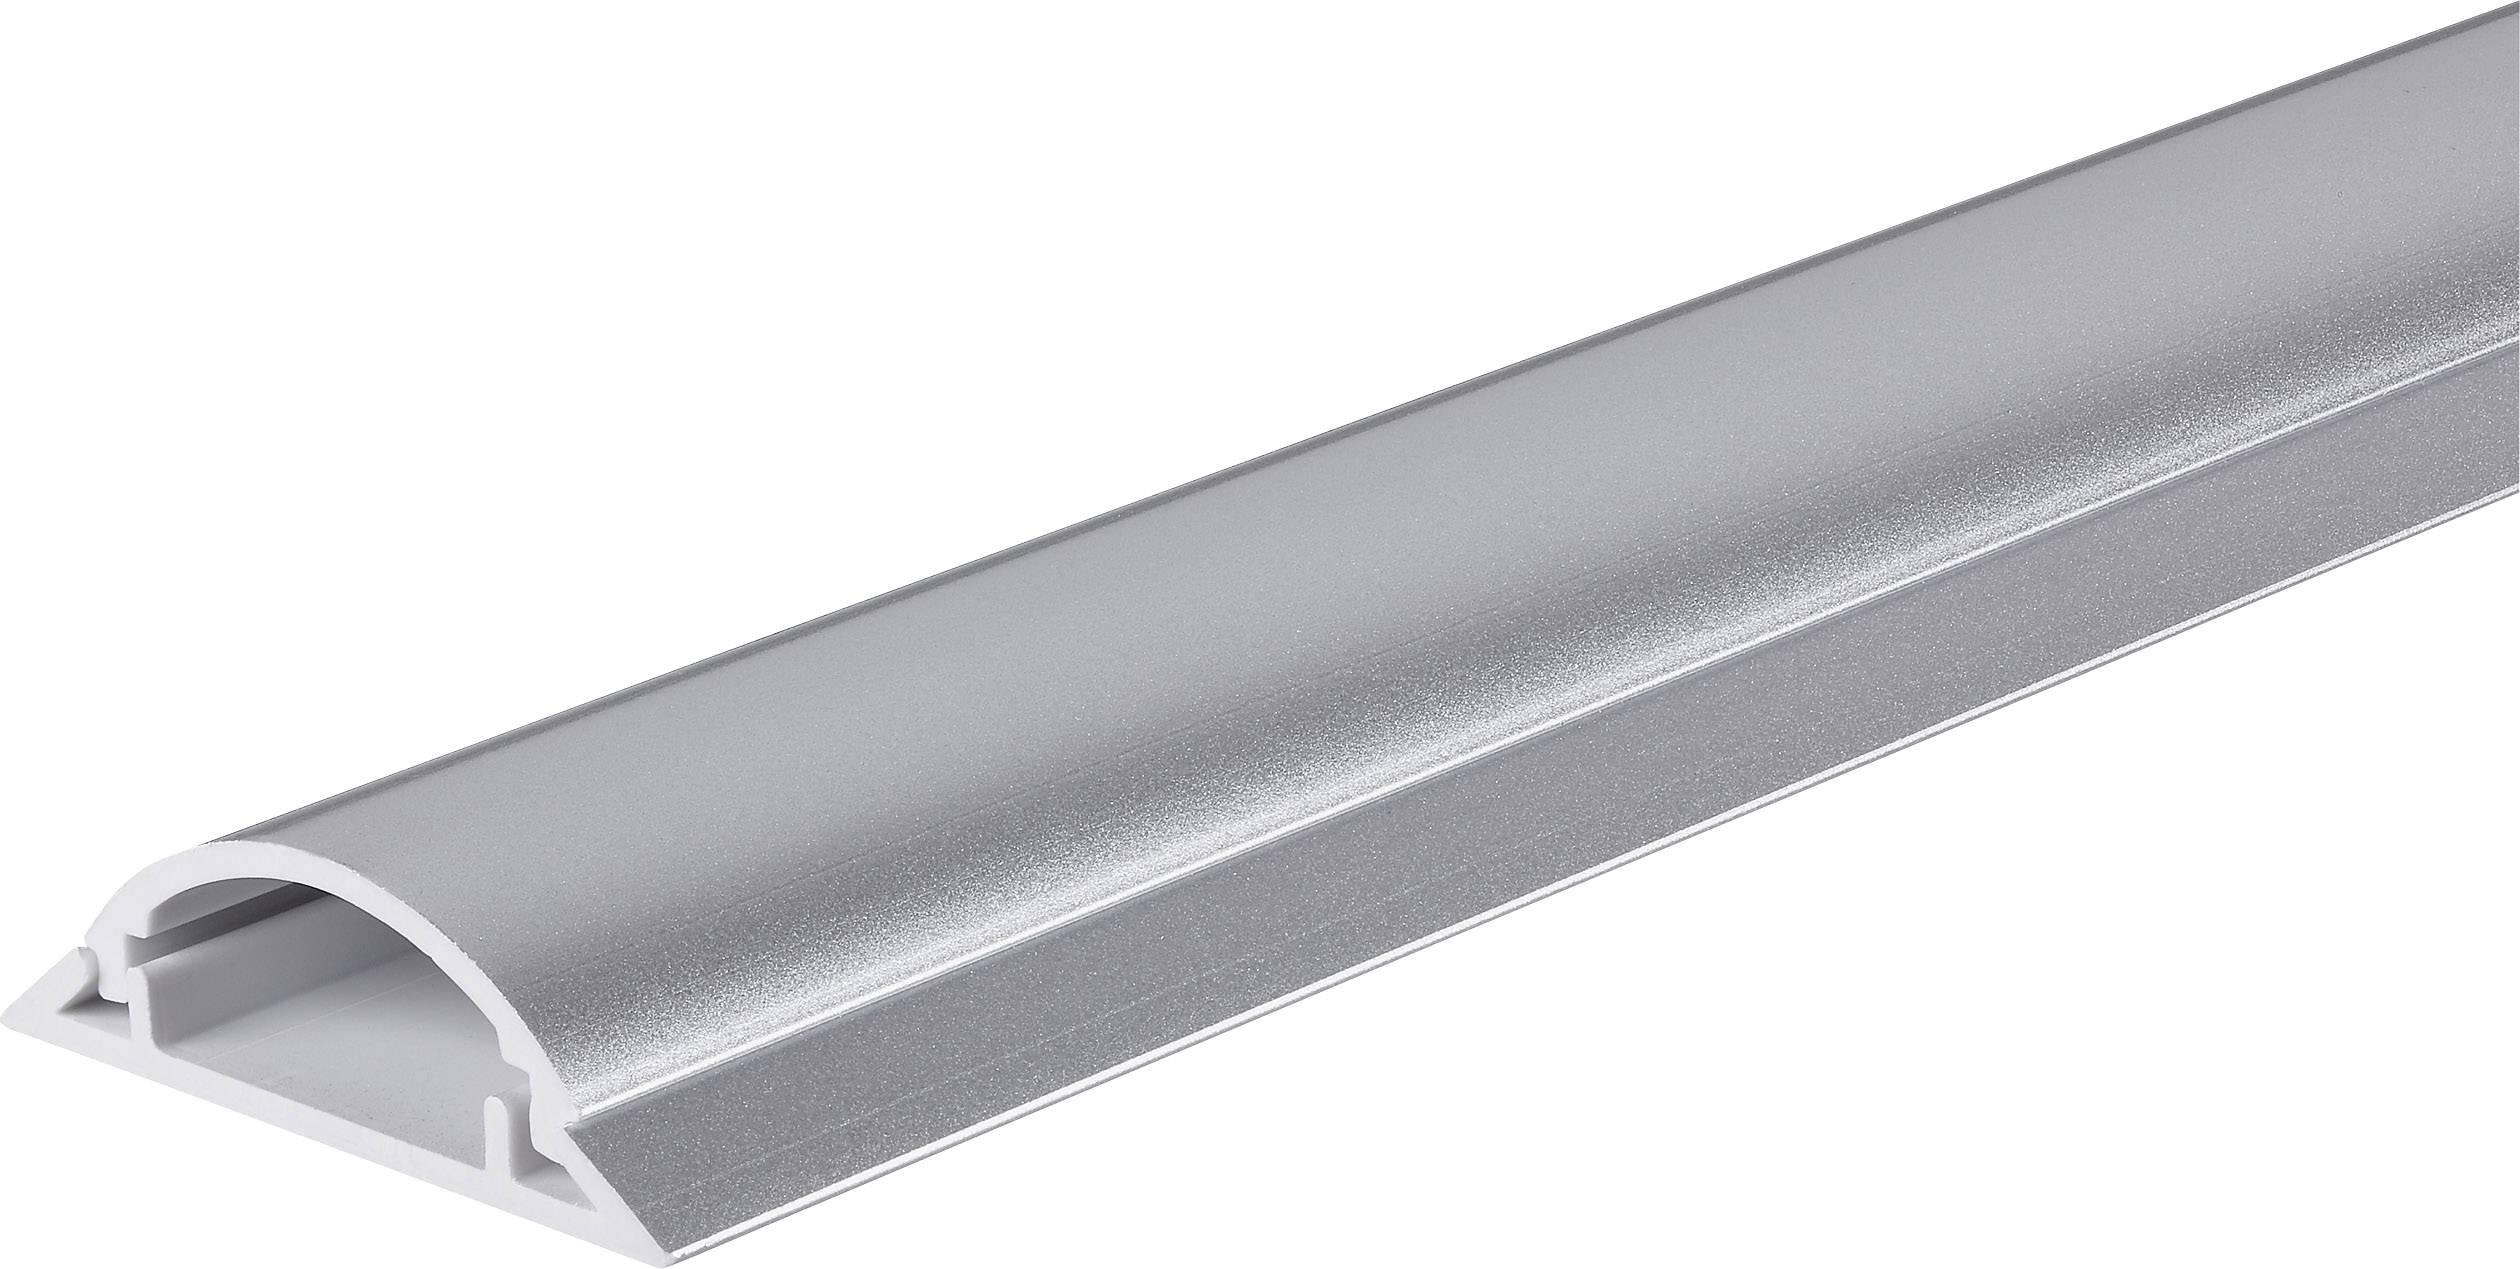 Kabelový můstek Conrad 1243968, stříbrná, 1000 x 49,5 mm